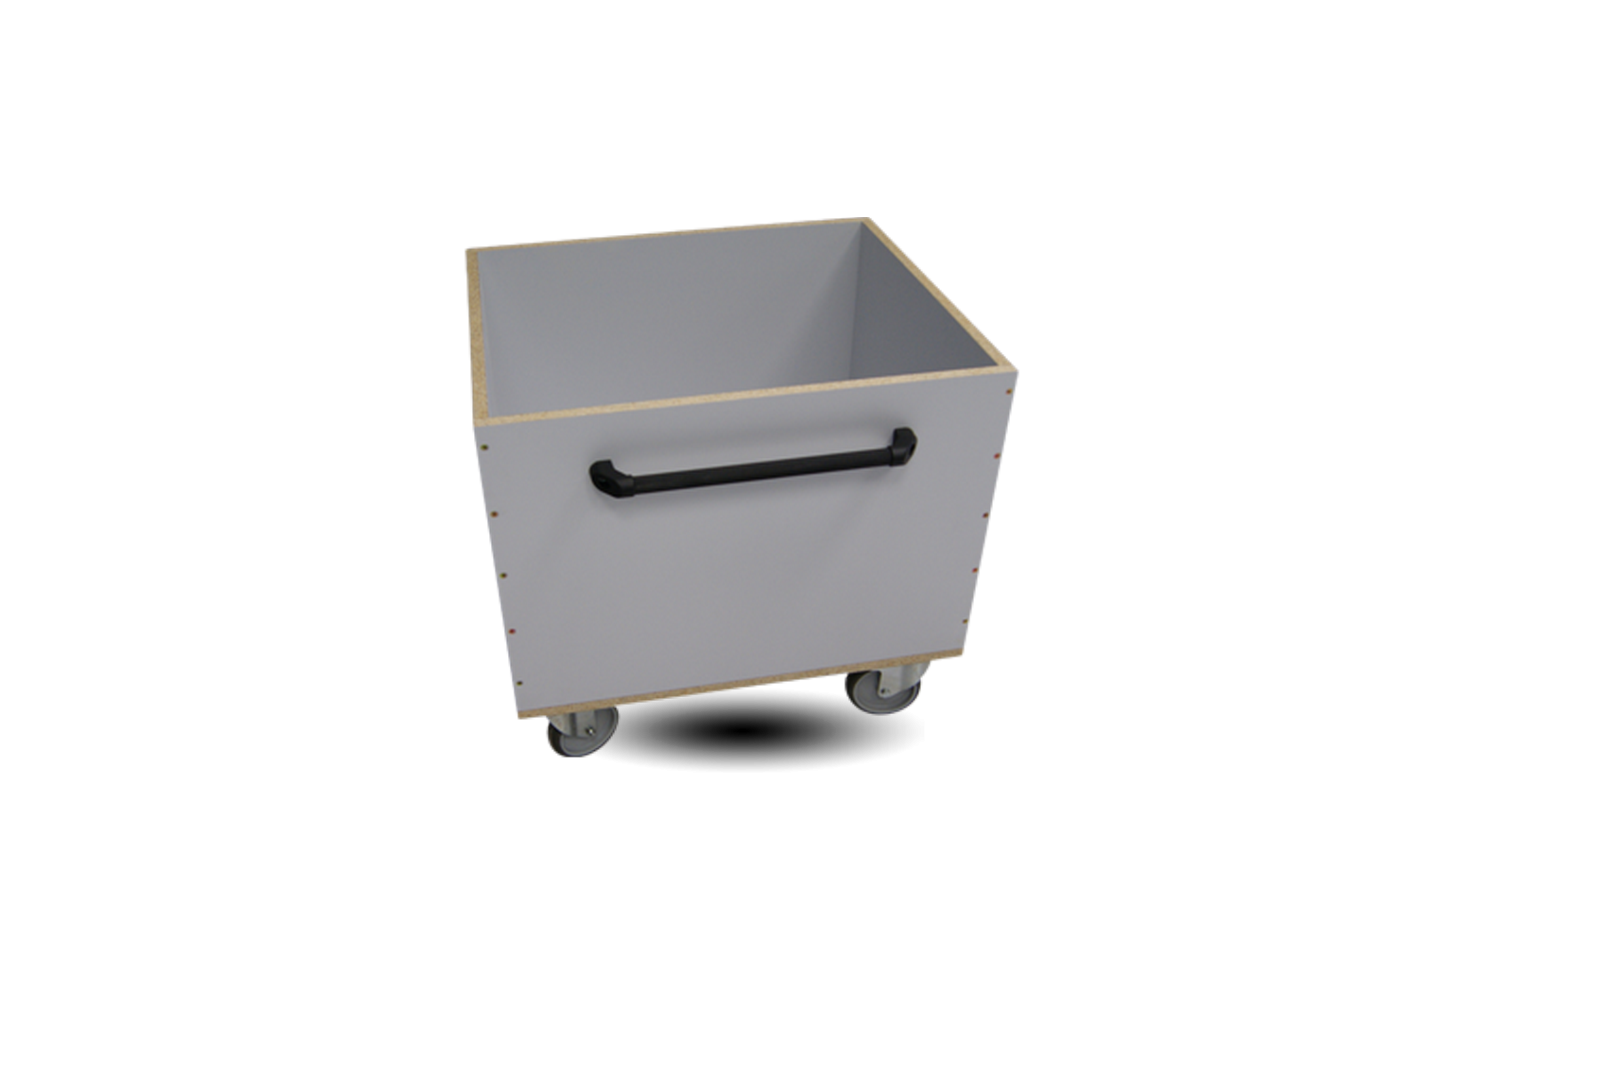 pi ces et supports de manutention et logistique pour usine erm. Black Bedroom Furniture Sets. Home Design Ideas